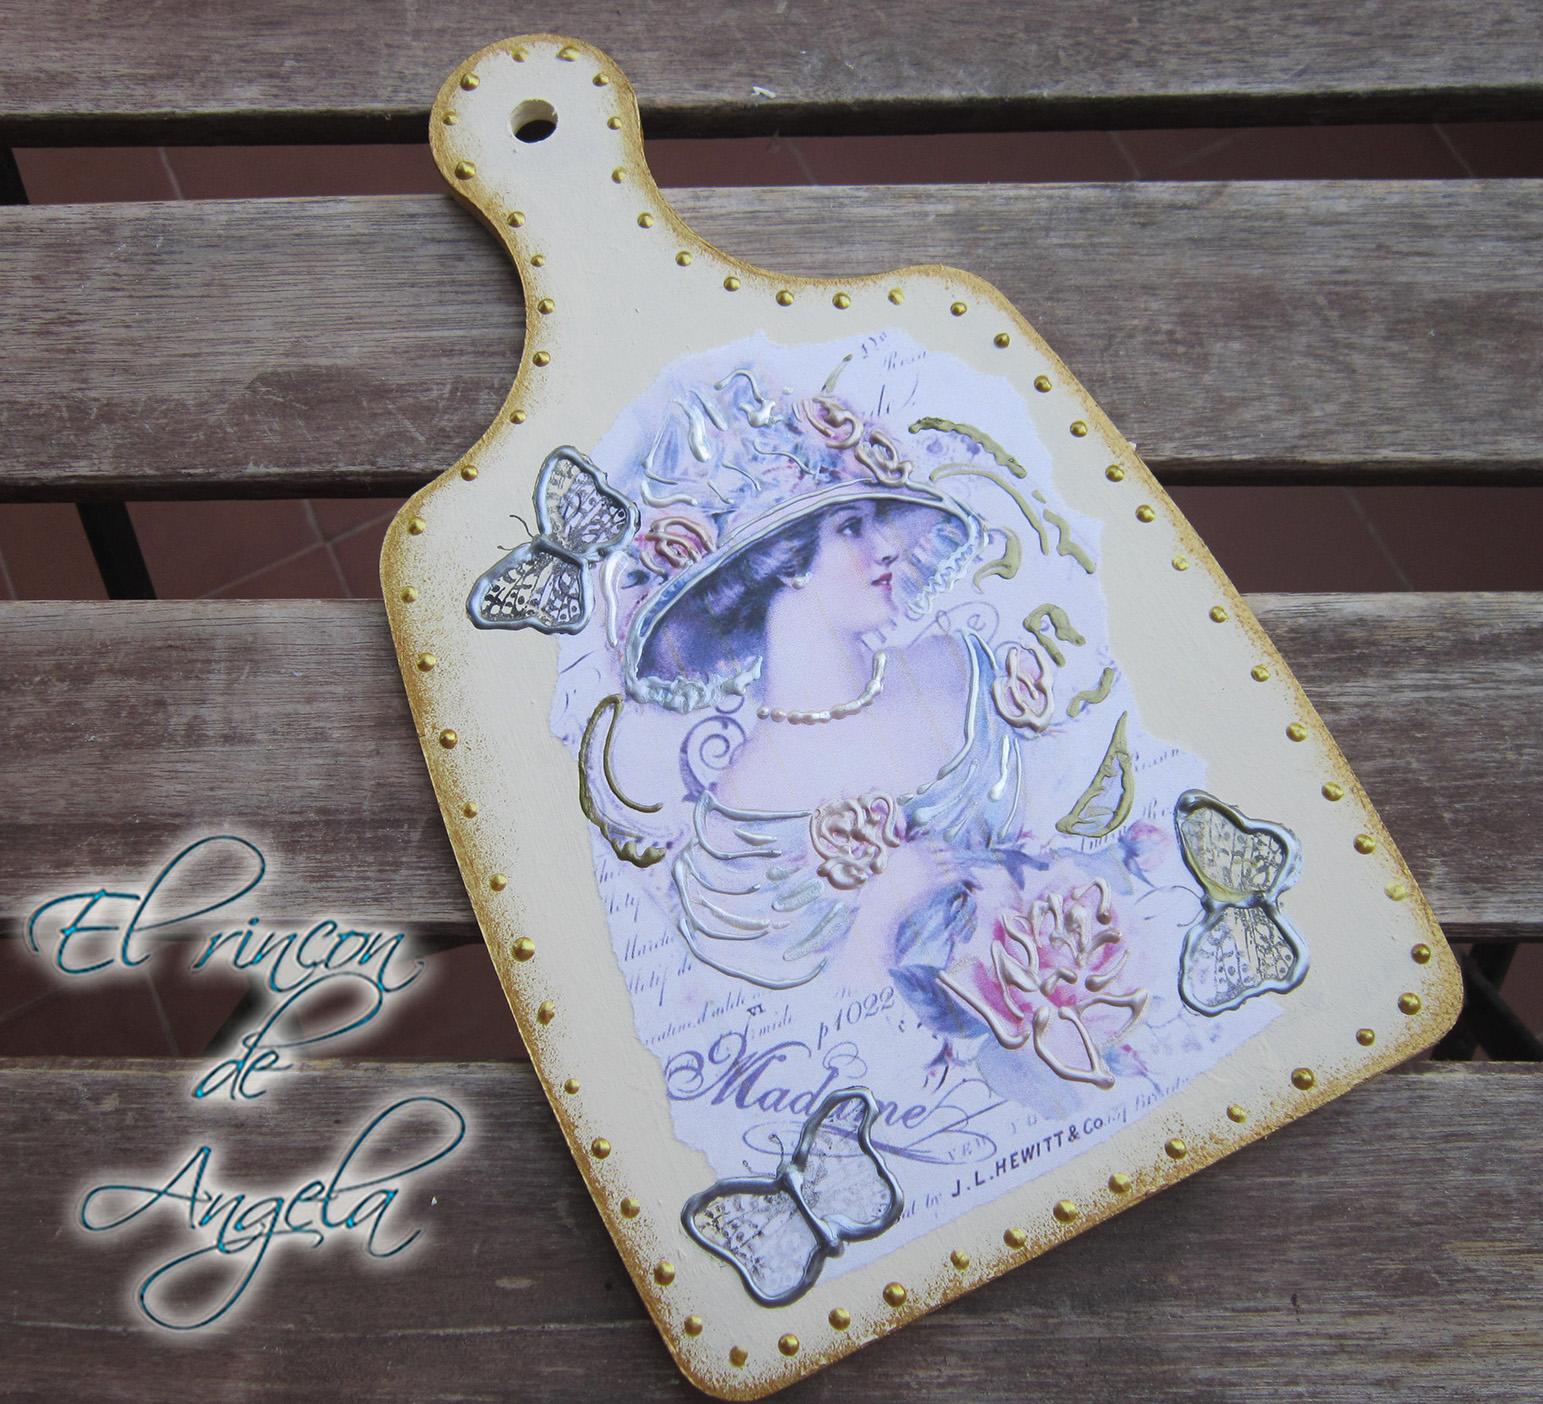 El rincon de angela decoupage y perlas liquidas para decorar - Decorar tabla madera ...